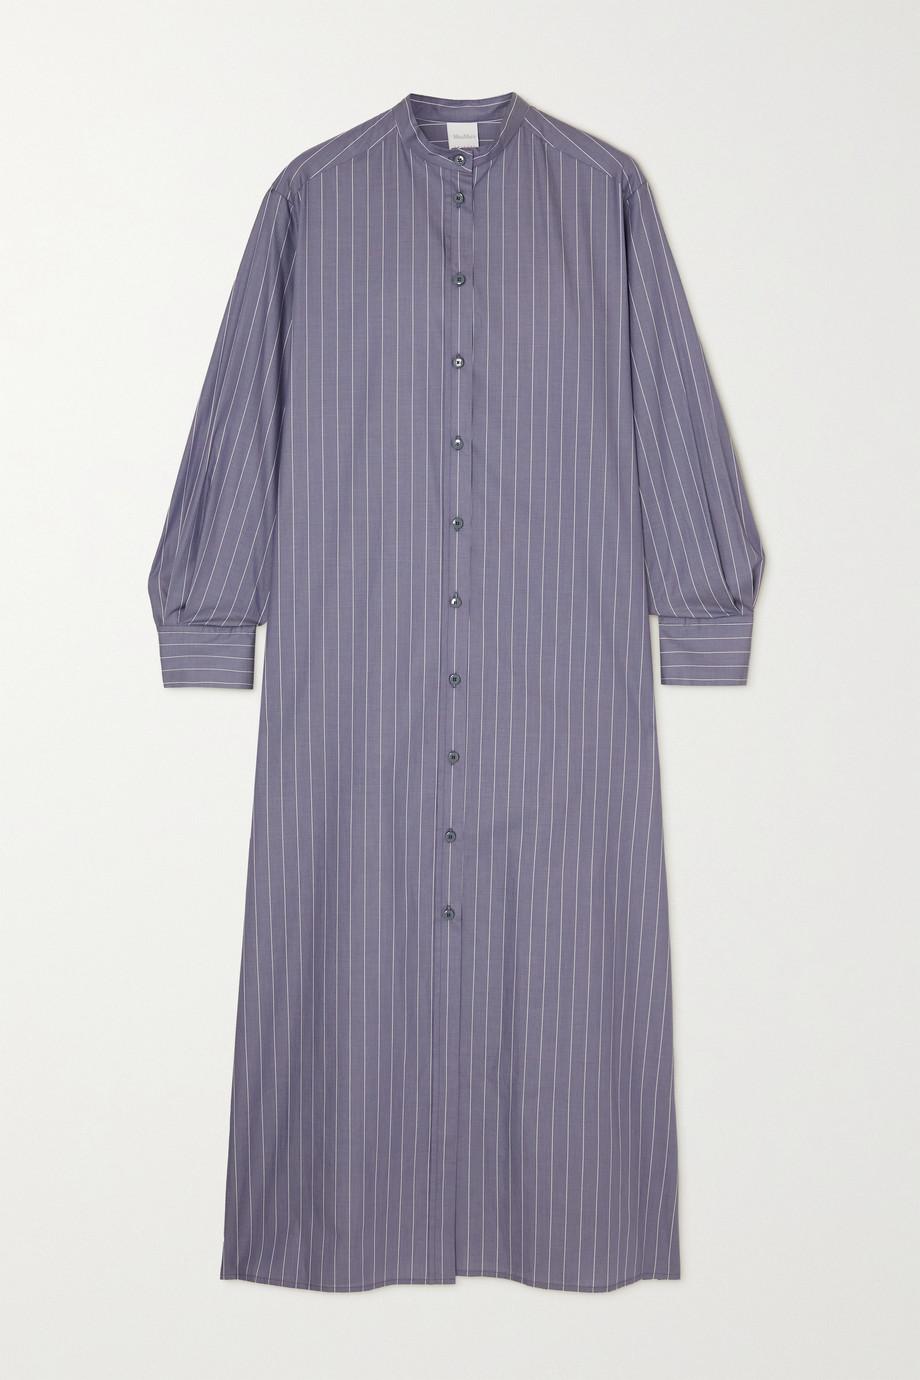 Max Mara + Leisure Ussuri Hemdblusenkleid aus Baumwollpopeline mit Nadelstreifen